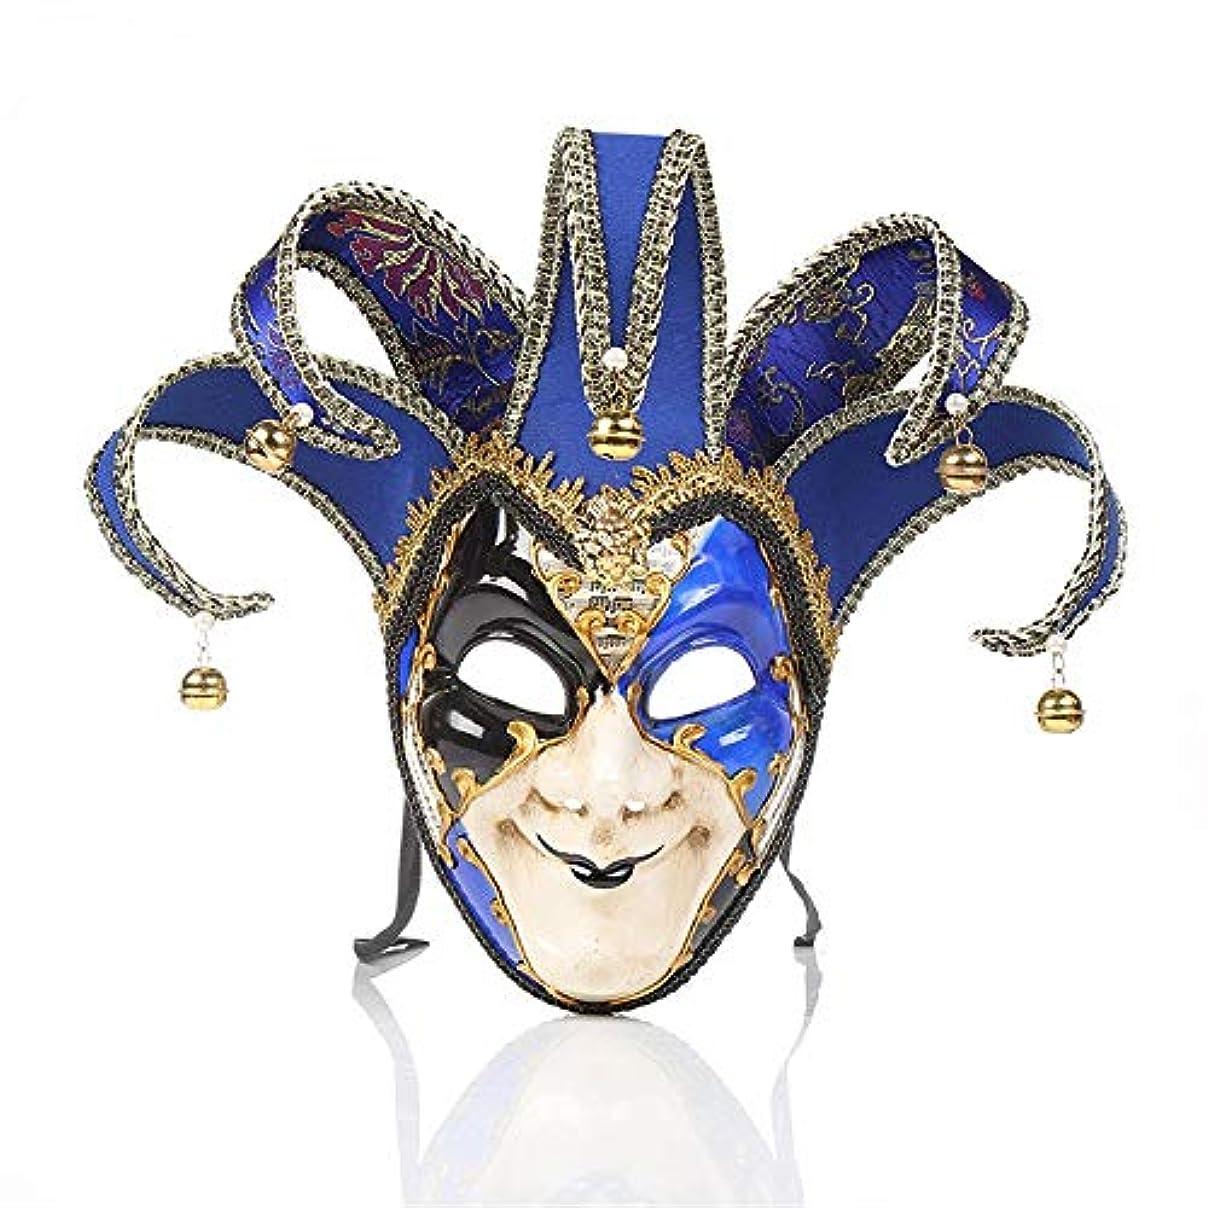 羽望み水を飲むダンスマスク ピエロマスクハロウィーンパフォーマンスパフォーマンス仮面舞踏会雰囲気用品祭りロールプレイングプラスチックマスク ホリデーパーティー用品 (色 : 青, サイズ : 39x33cm)